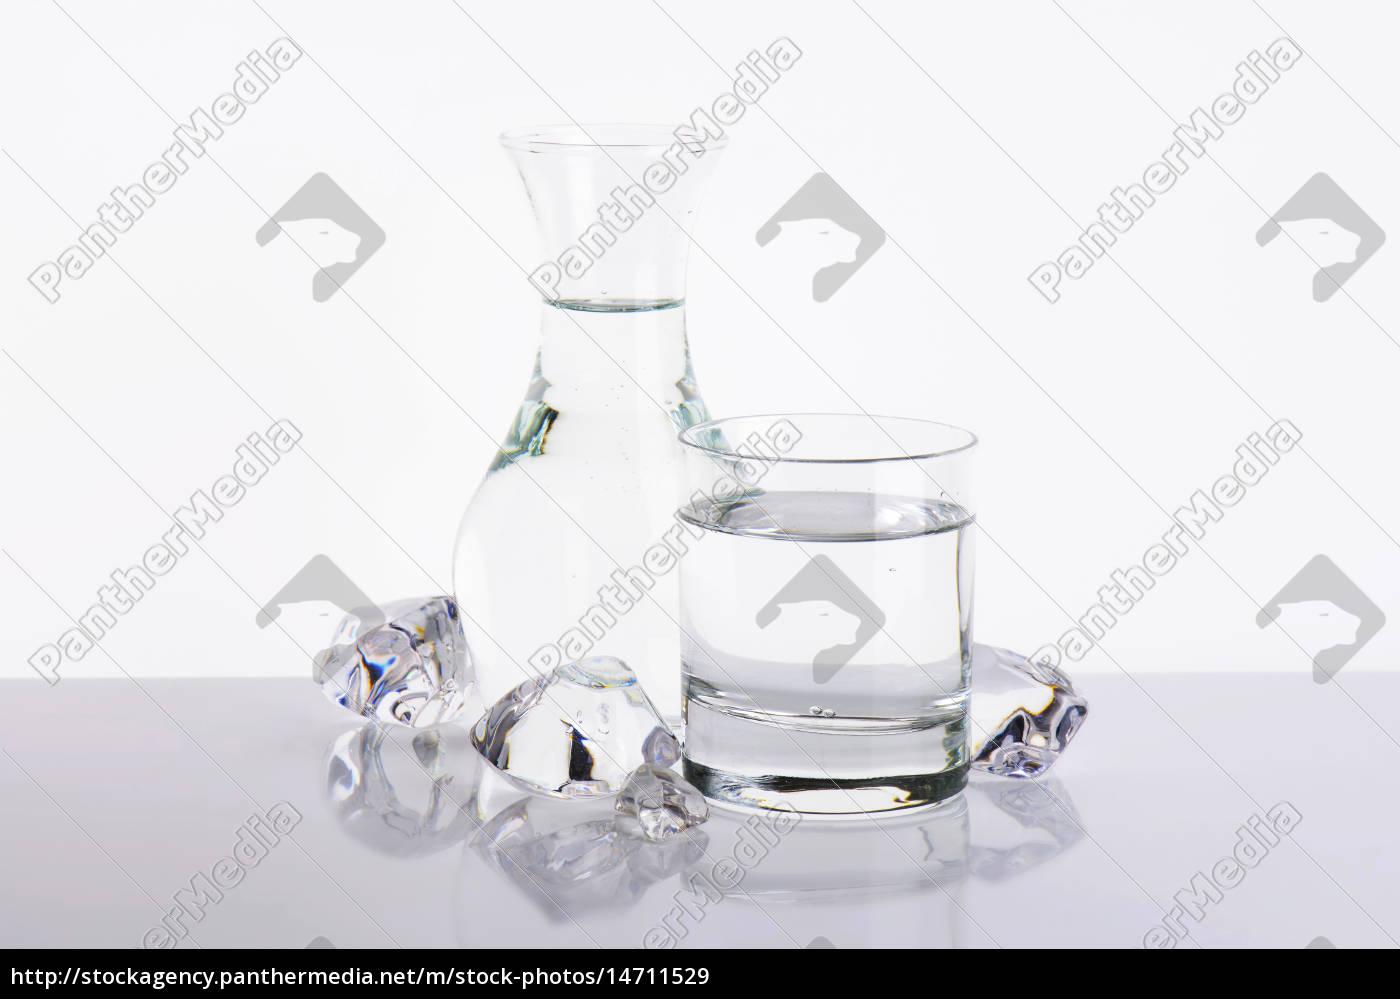 süßwasser - 14711529